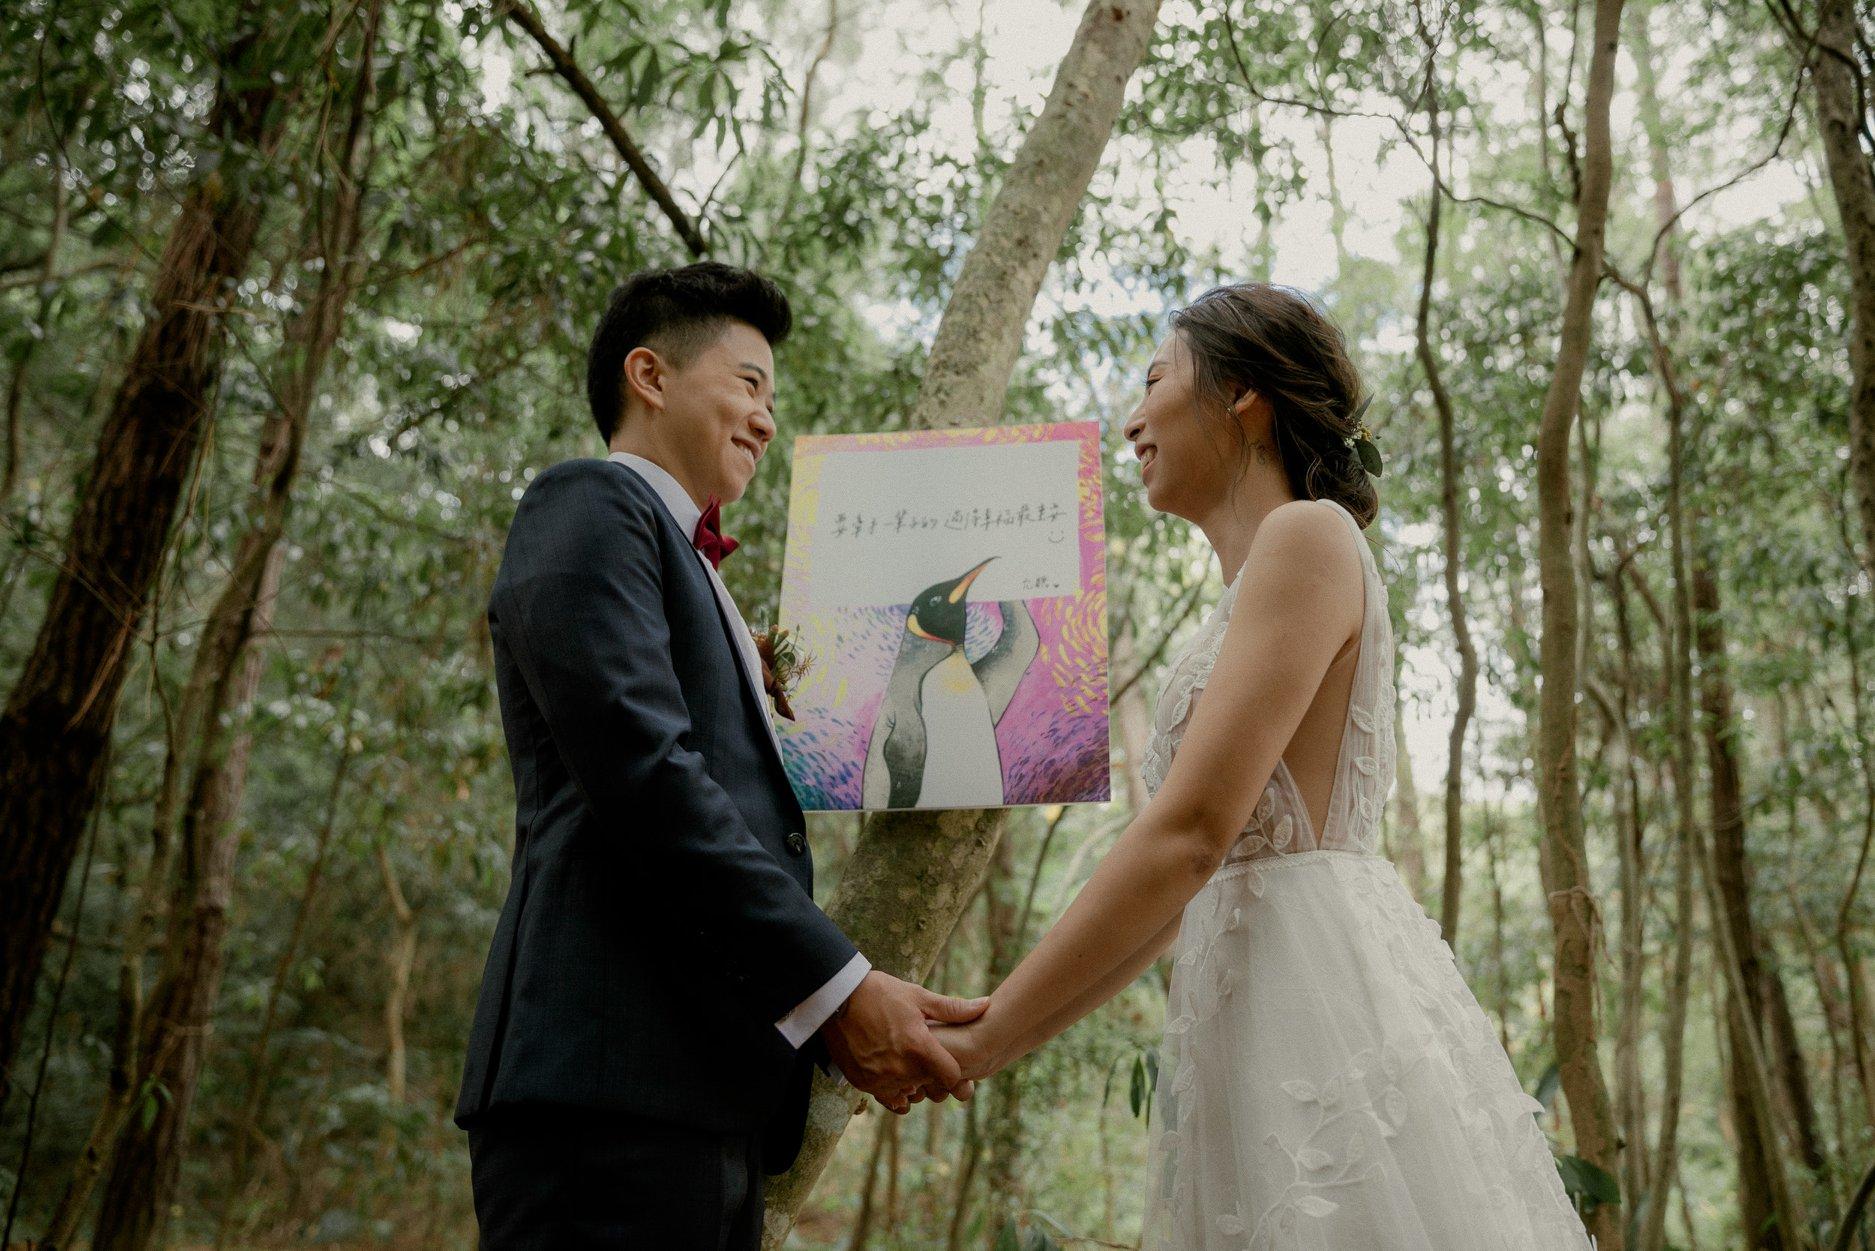 Amor&Stacey|瑪莎計畫婚禮主持人|婚禮顧問|婚禮企劃|婚禮服務